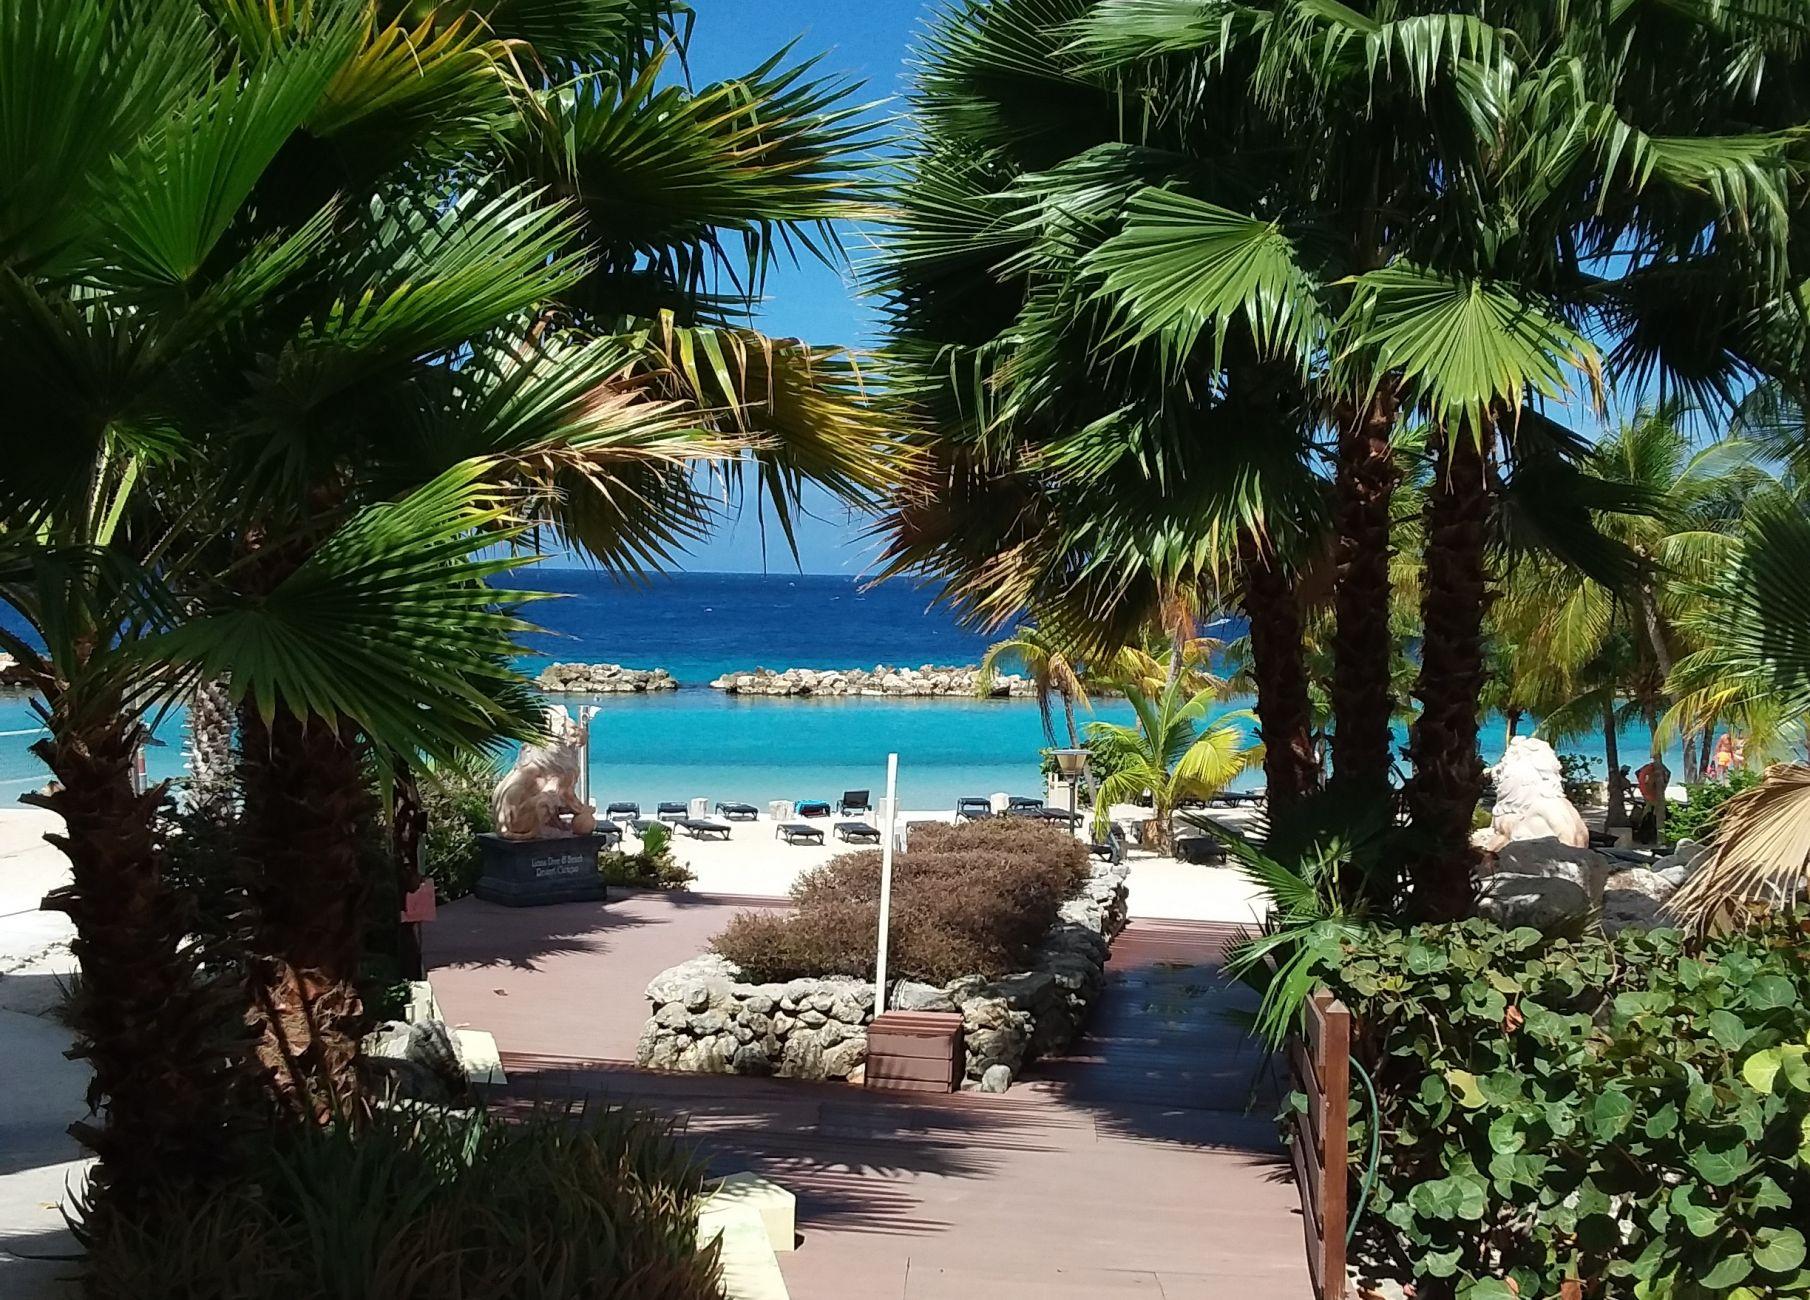 De vakantiegroeten uit Curaçao